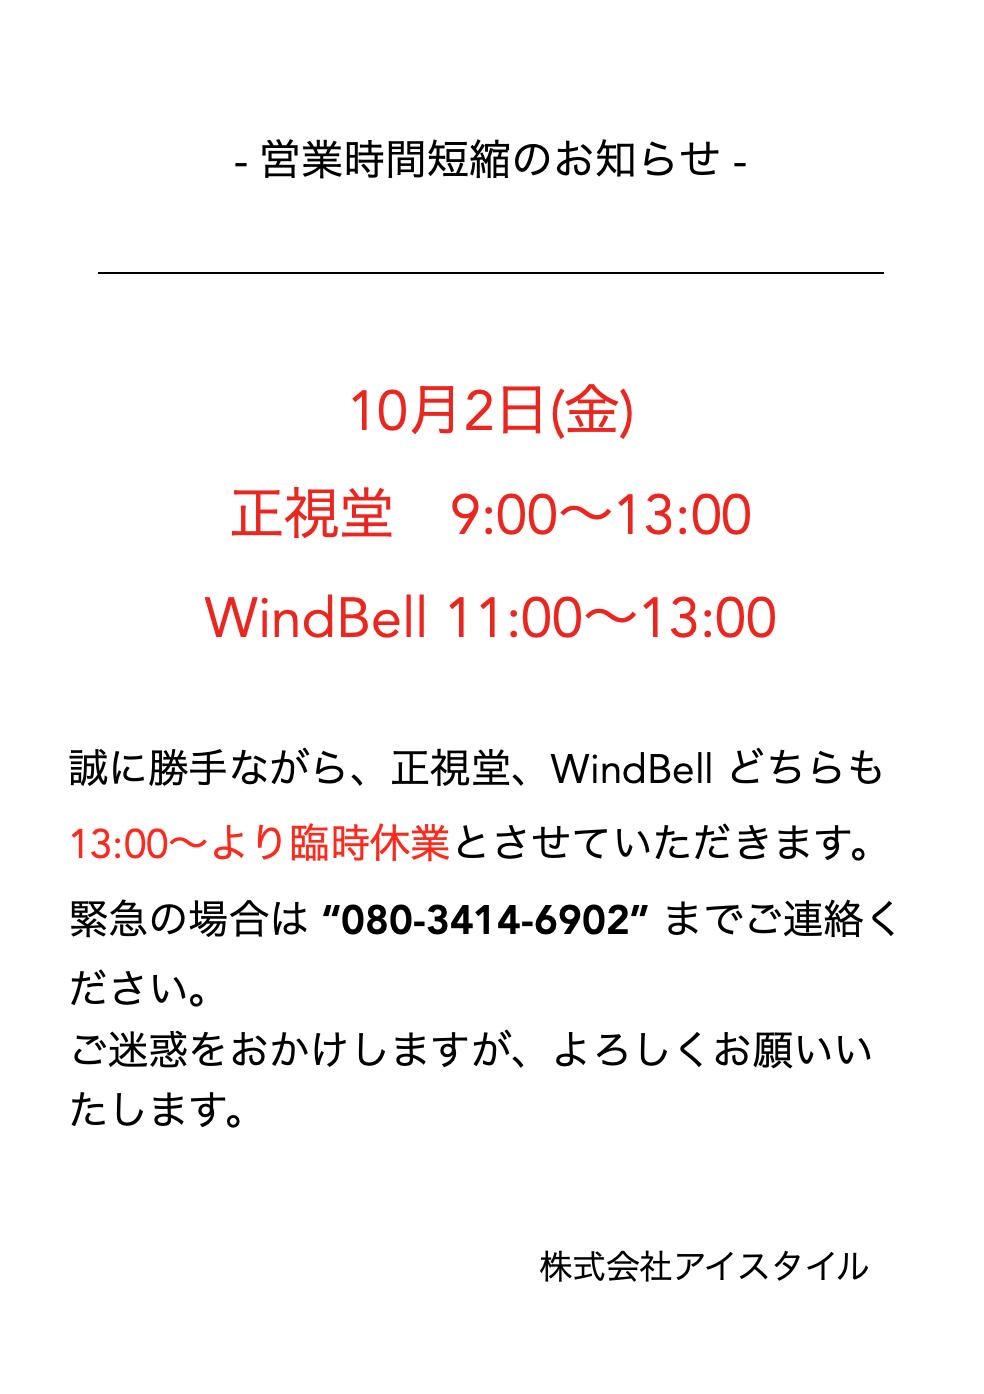 スクリーンショット 2020-09-30 19.36.16.png